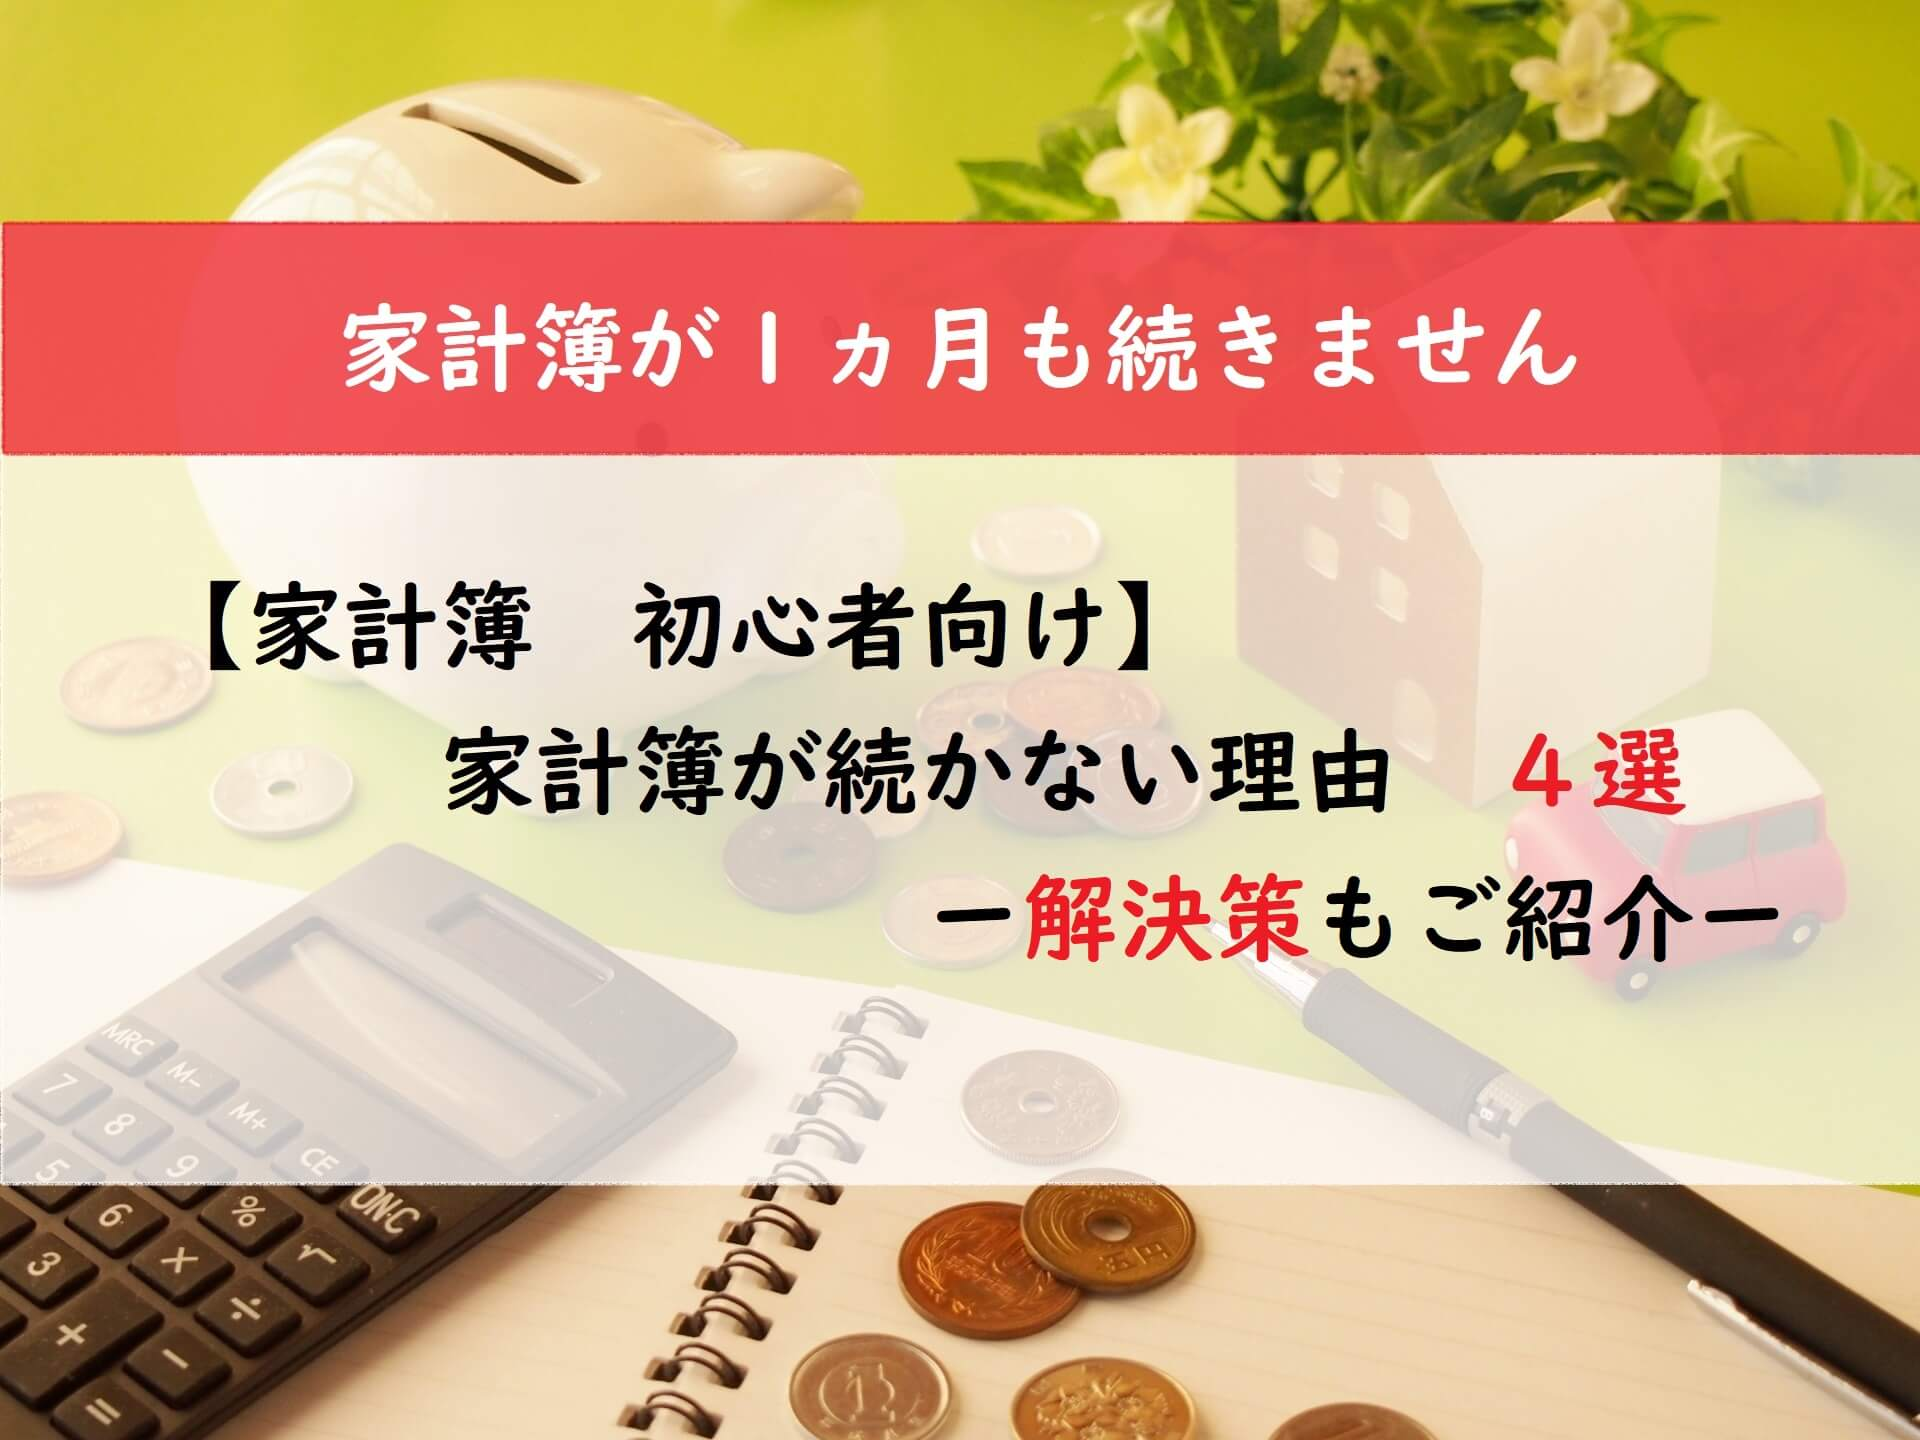 【家計簿 初心者向け】家計簿が続かない理由4選と解決策